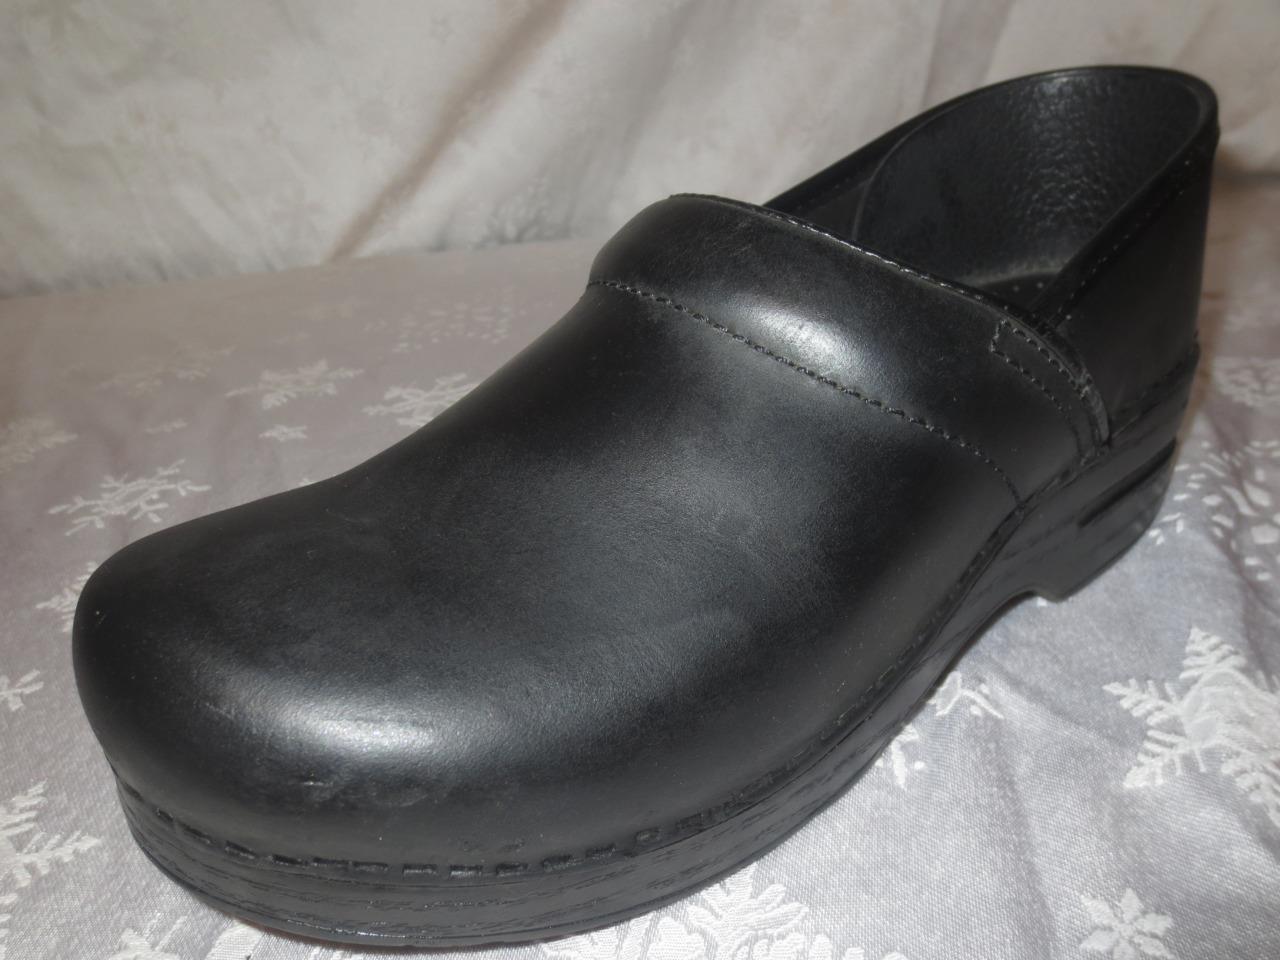 Dansko Femme en Cuir Noir Professionnel Sabots Chaussures Sandales Taille 40 US 9.5 10